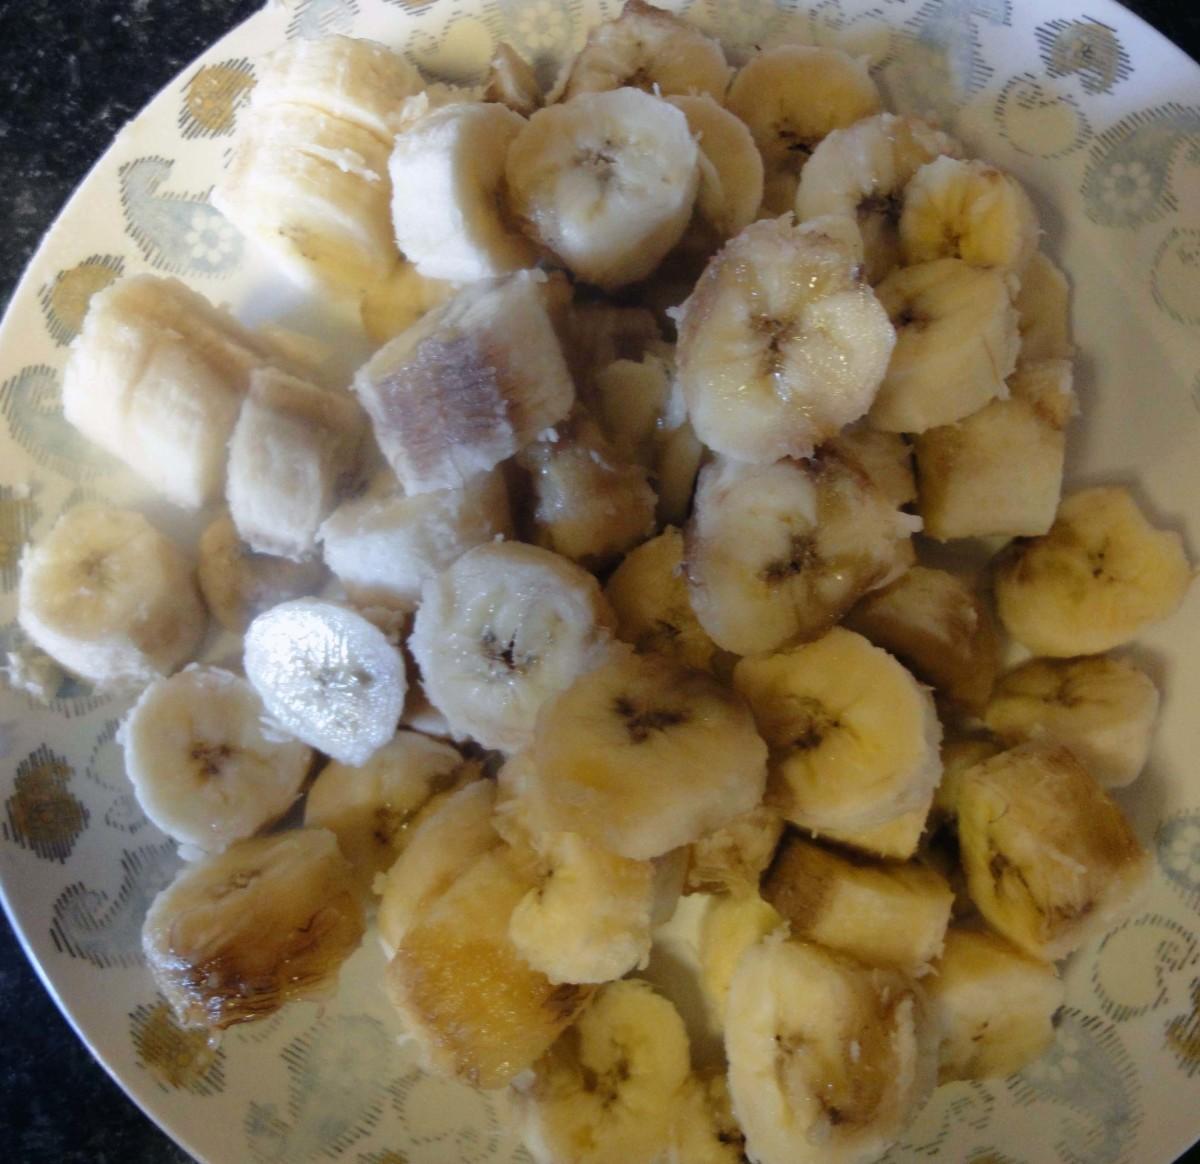 Slice the bananas into small chunks